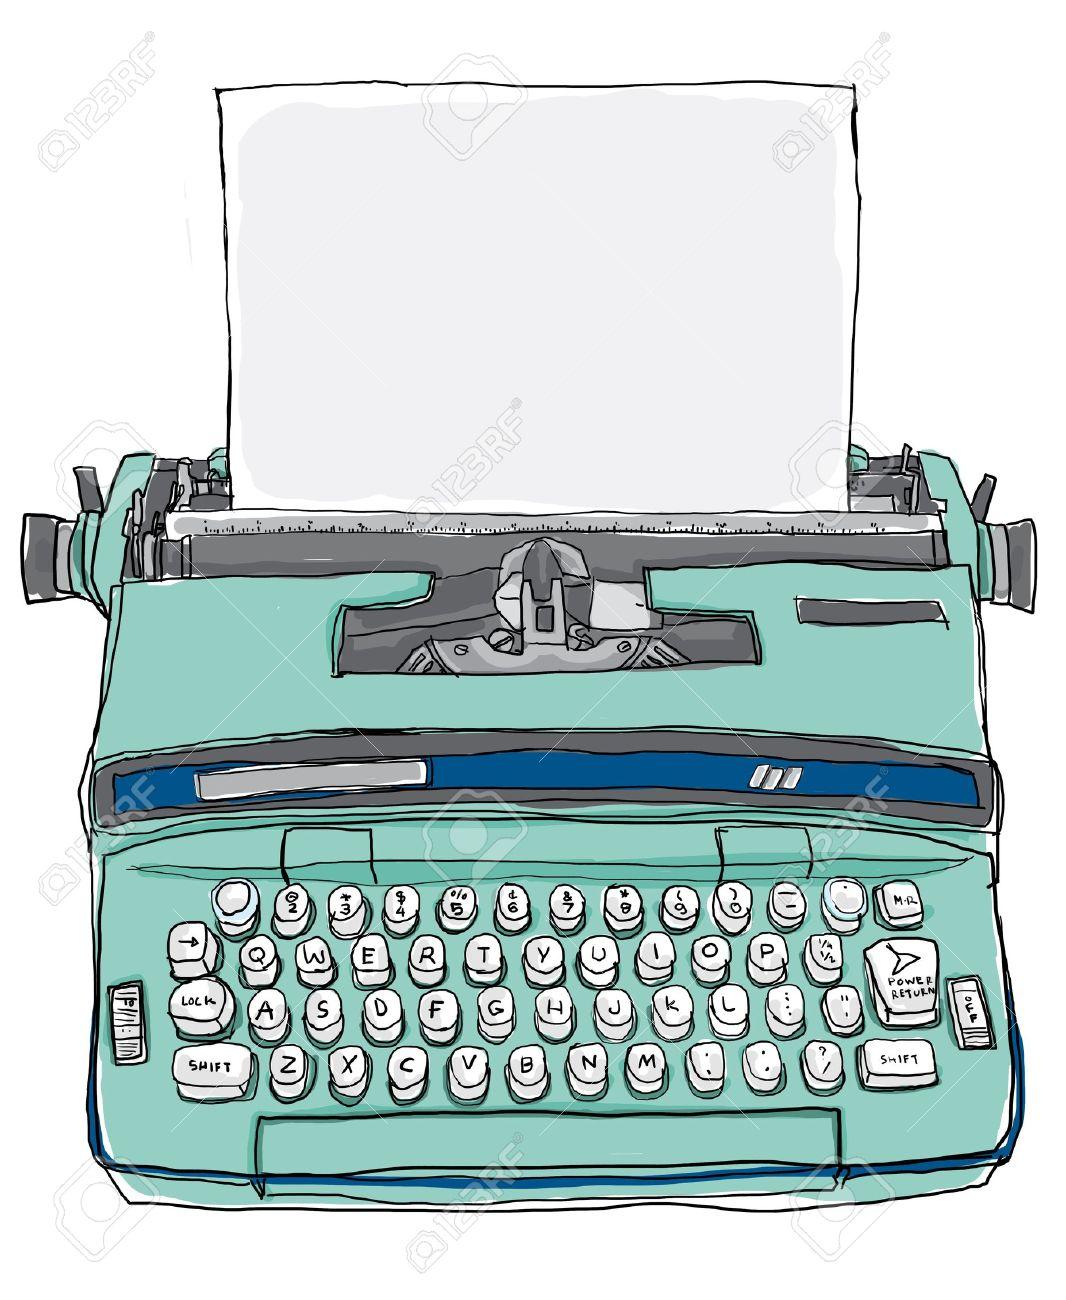 blue Typewriter vintage - 14196486